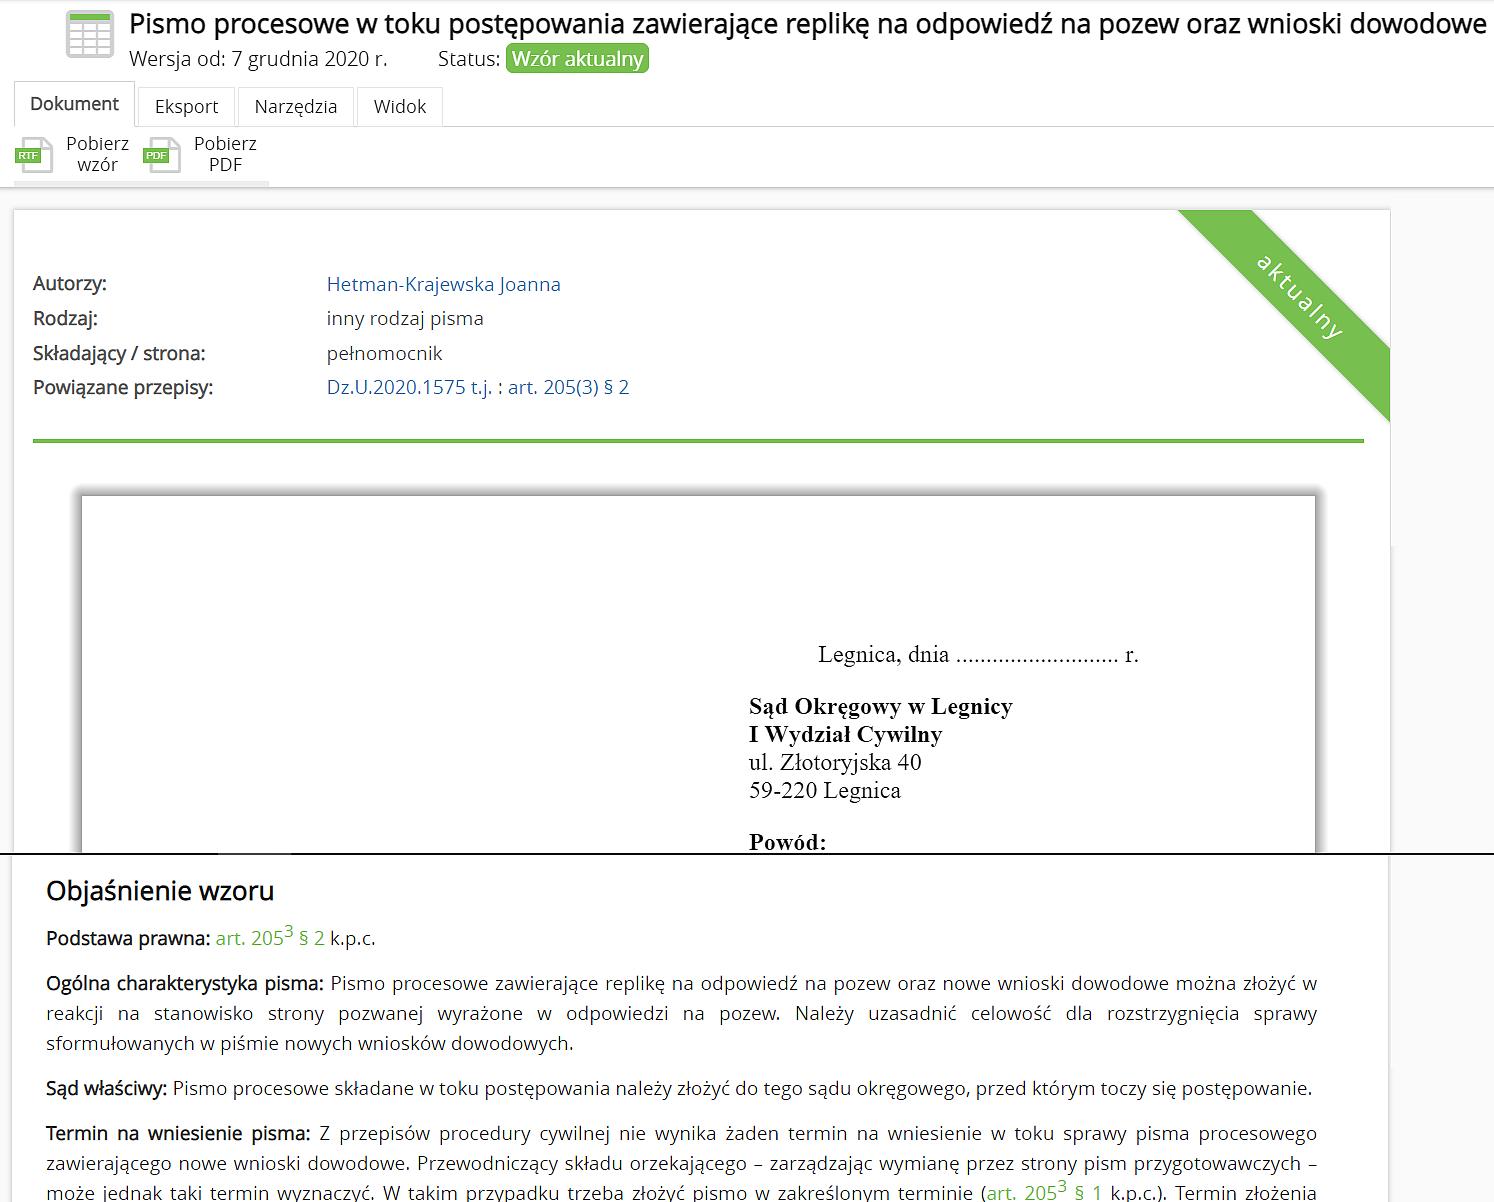 Autorskie objaśnienia wzorów pism procesowych i umów